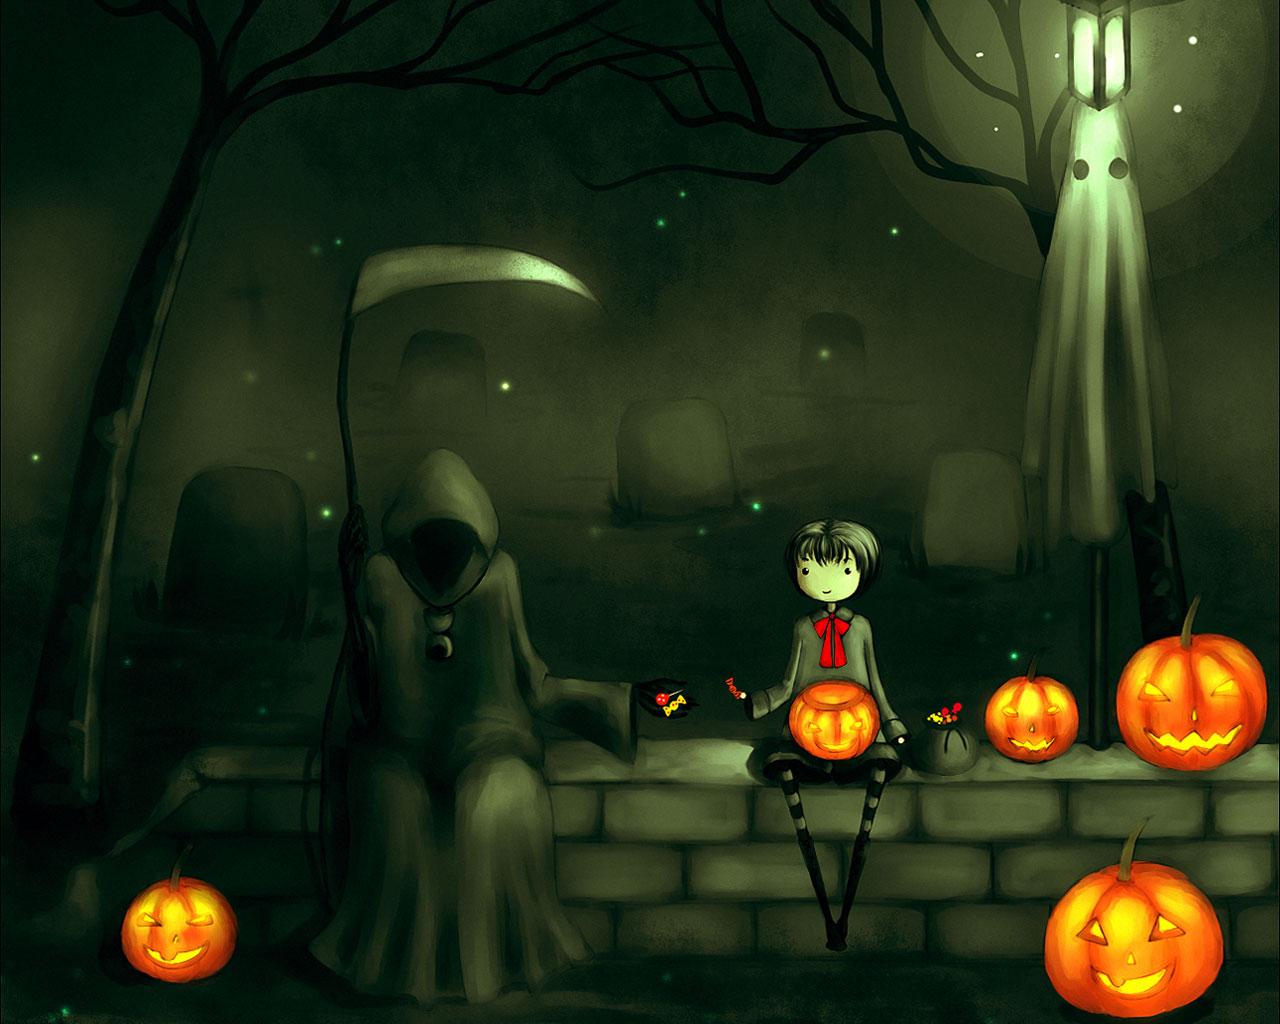 Cute_halloween_2014_Wallpaper